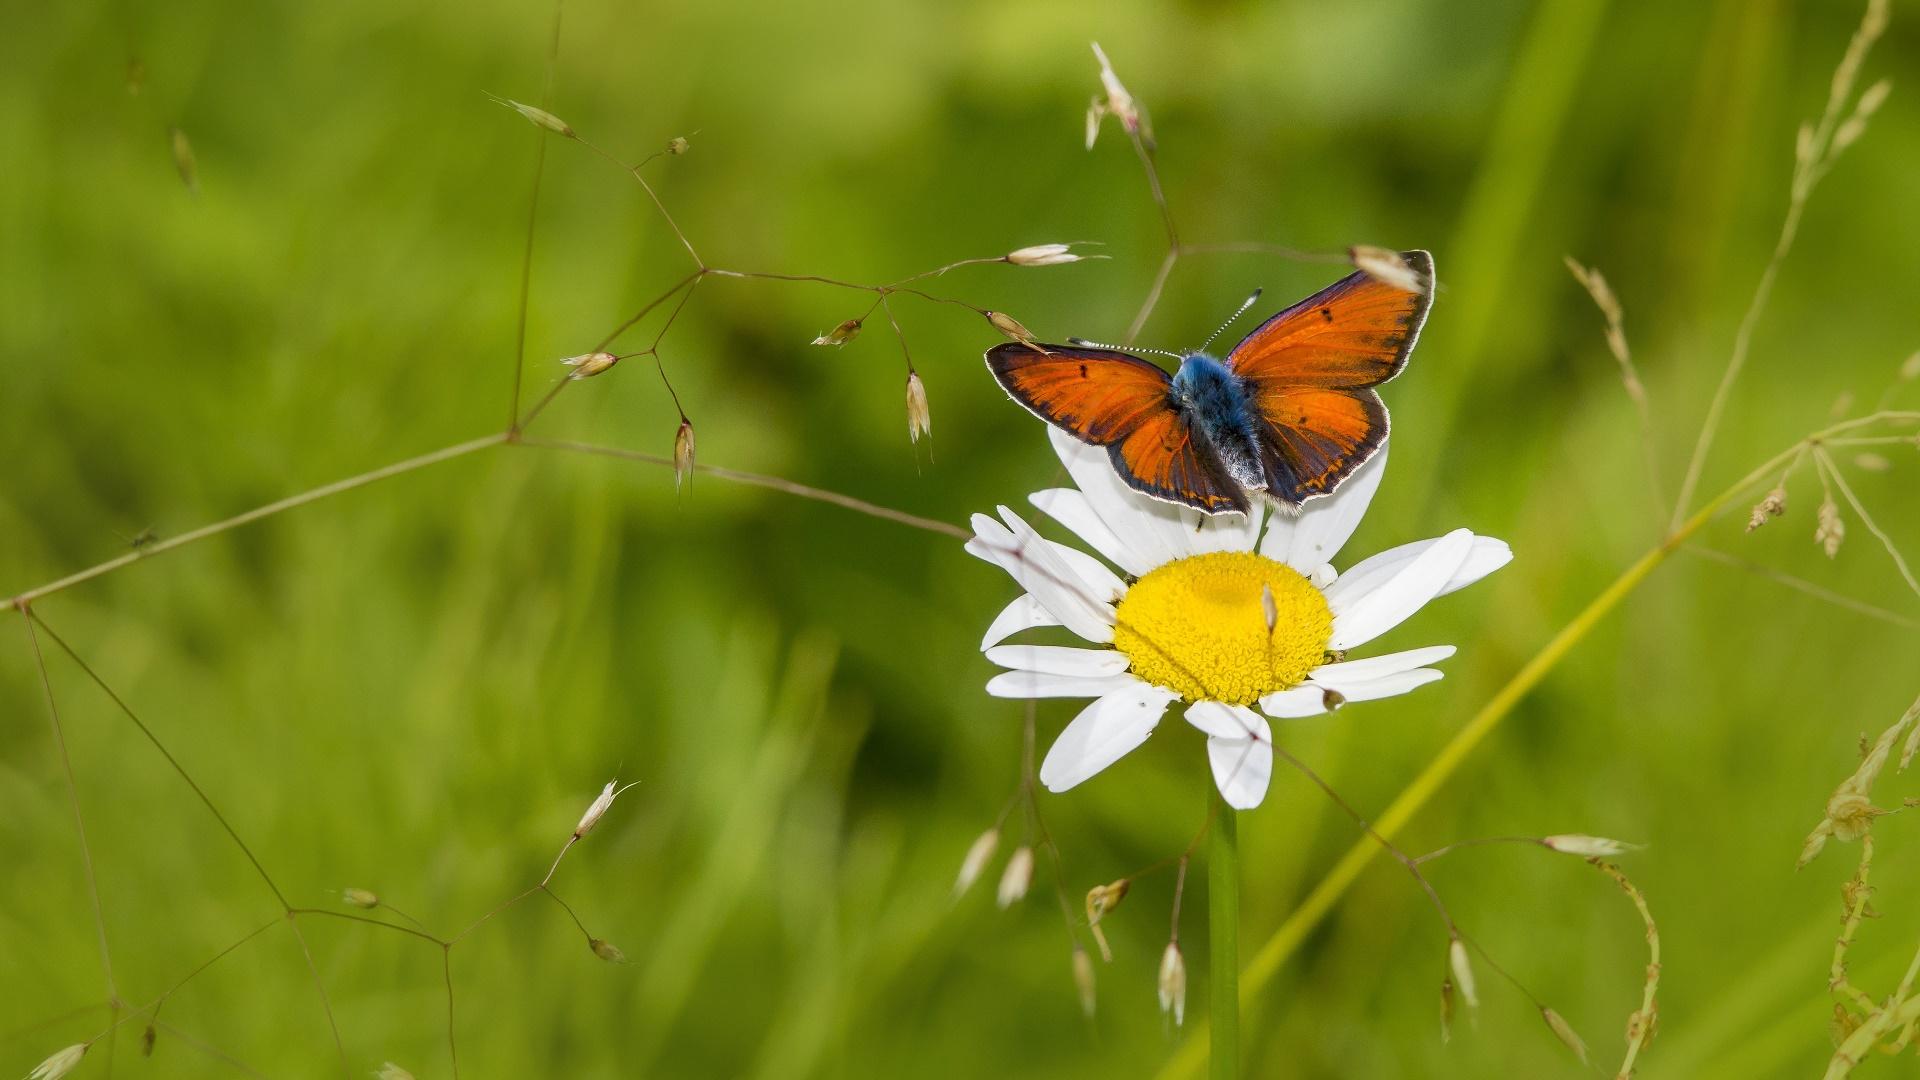 Обои насекомое, цветы. Природа foto 7